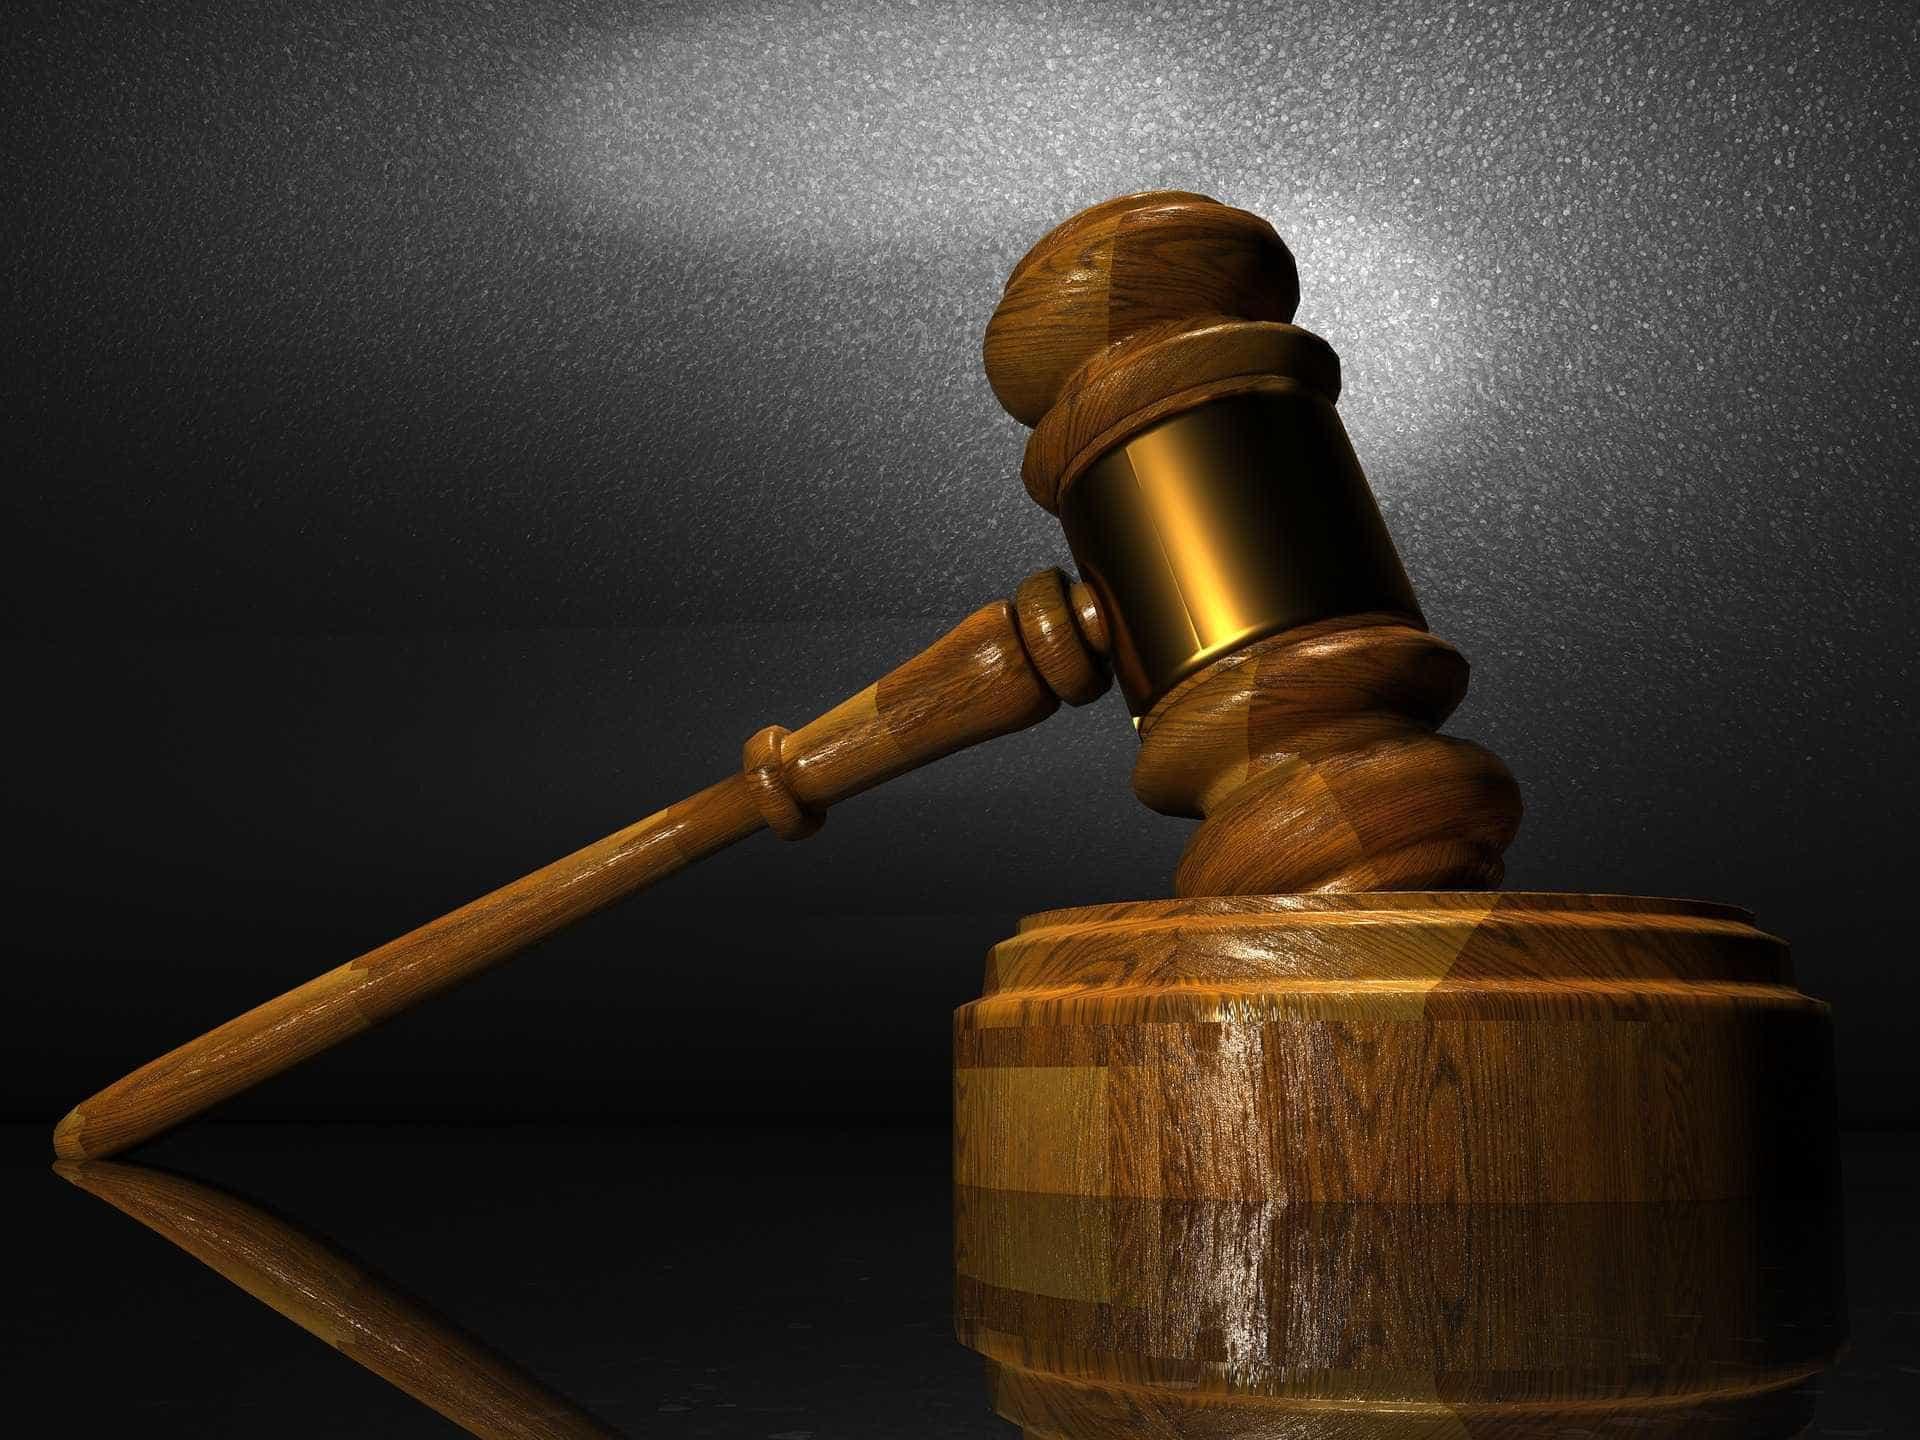 Reduzida em 13 anos pena de mãe condenada pela morte de recém-nascido